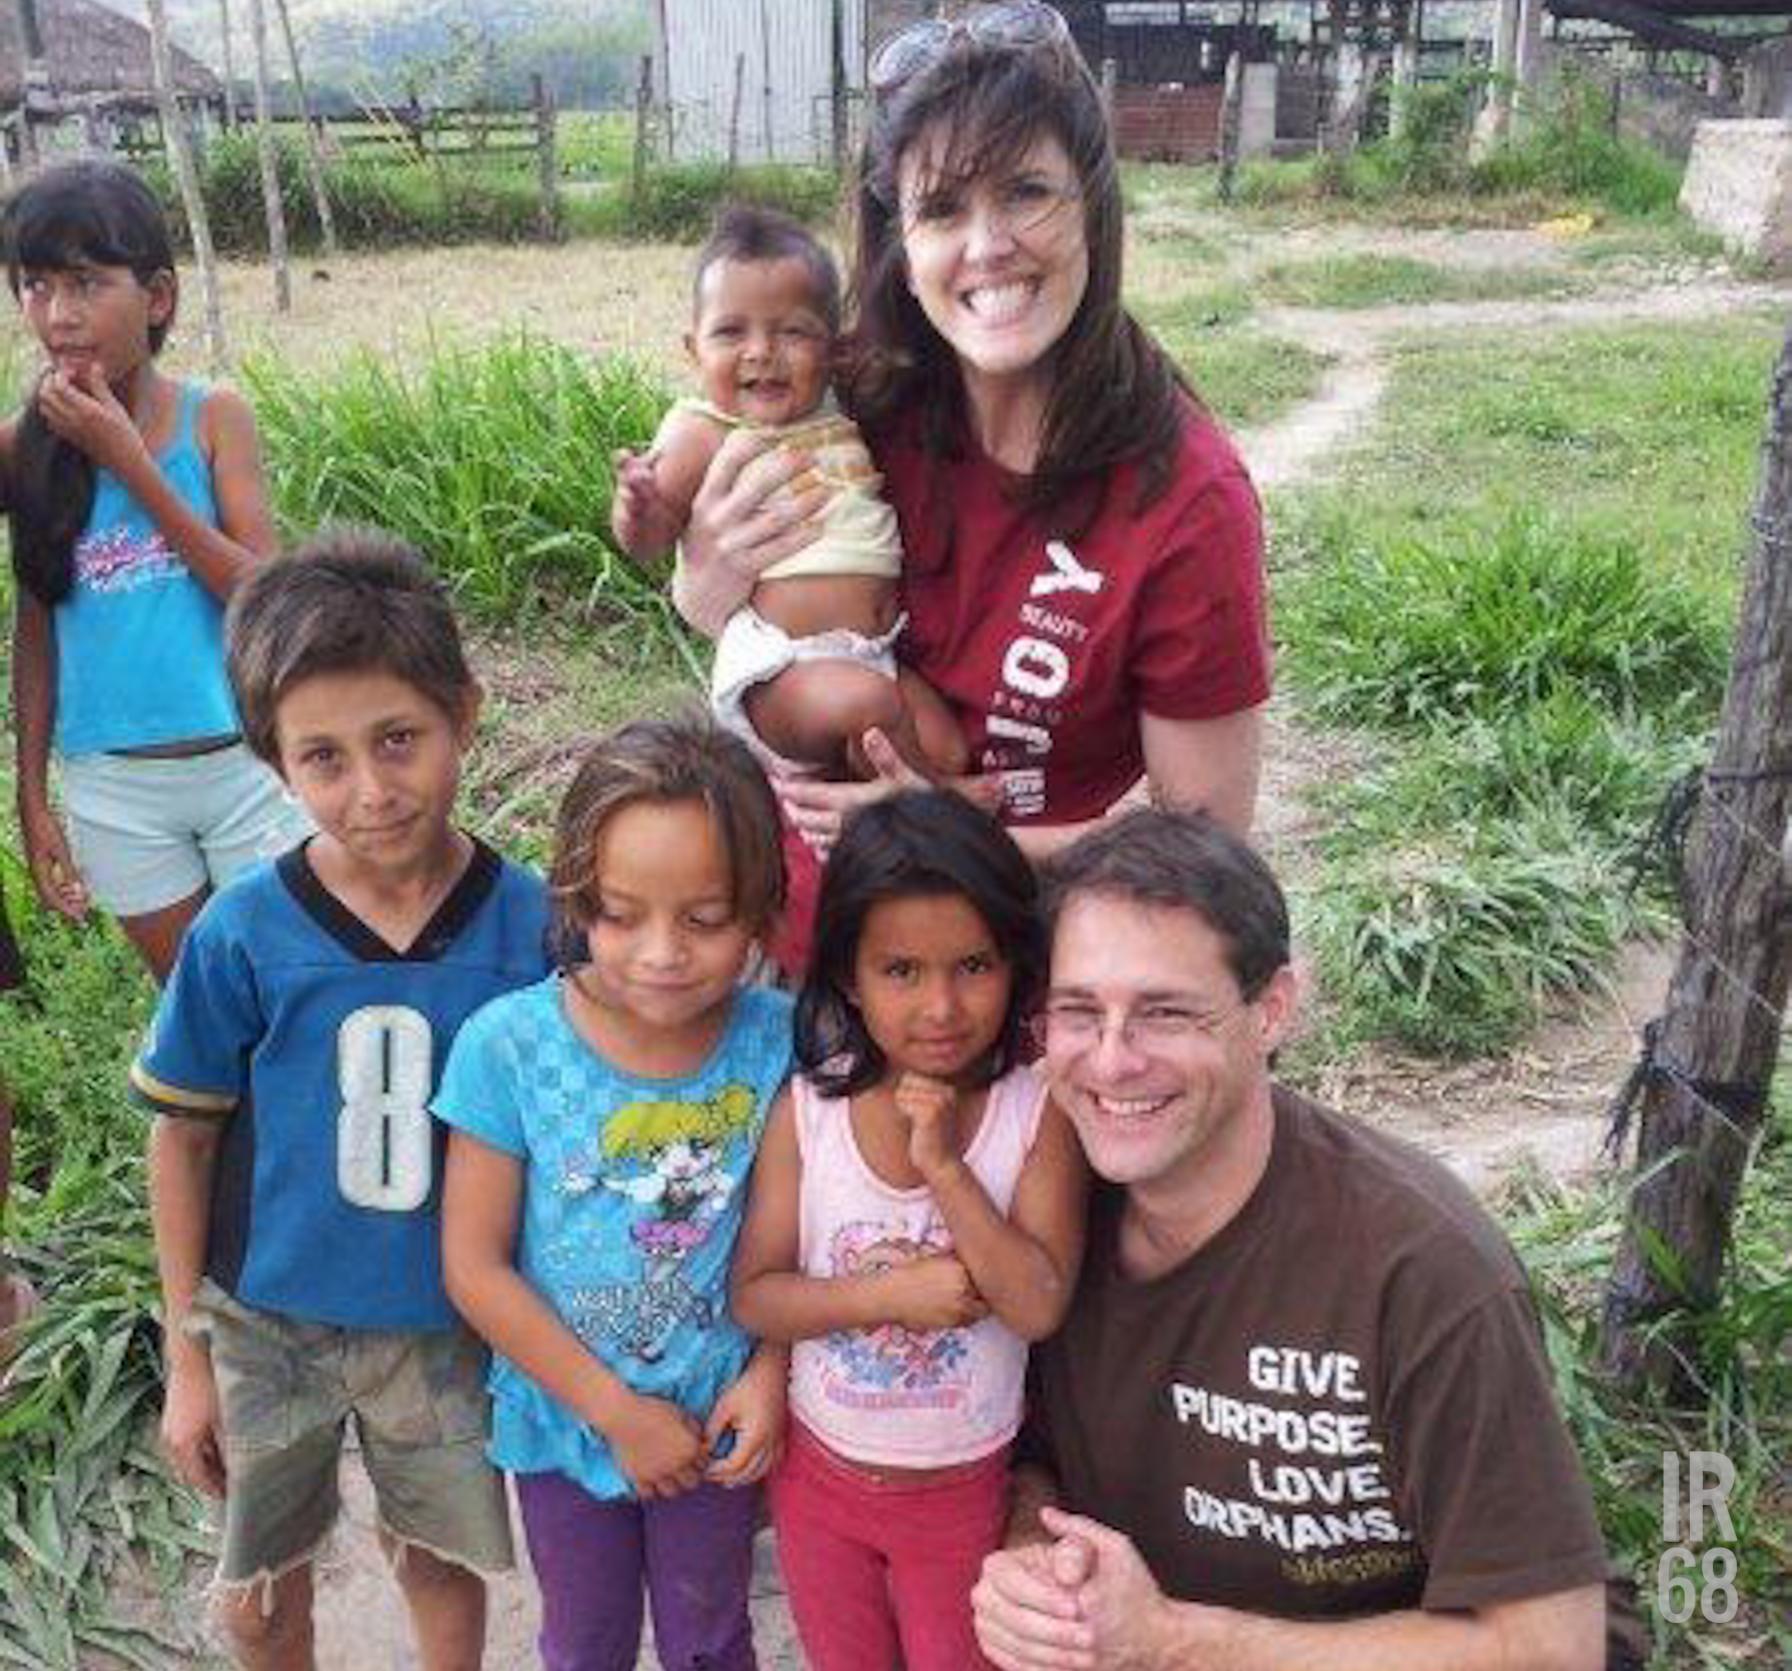 9-Tricia, Adam & Kids.jpg